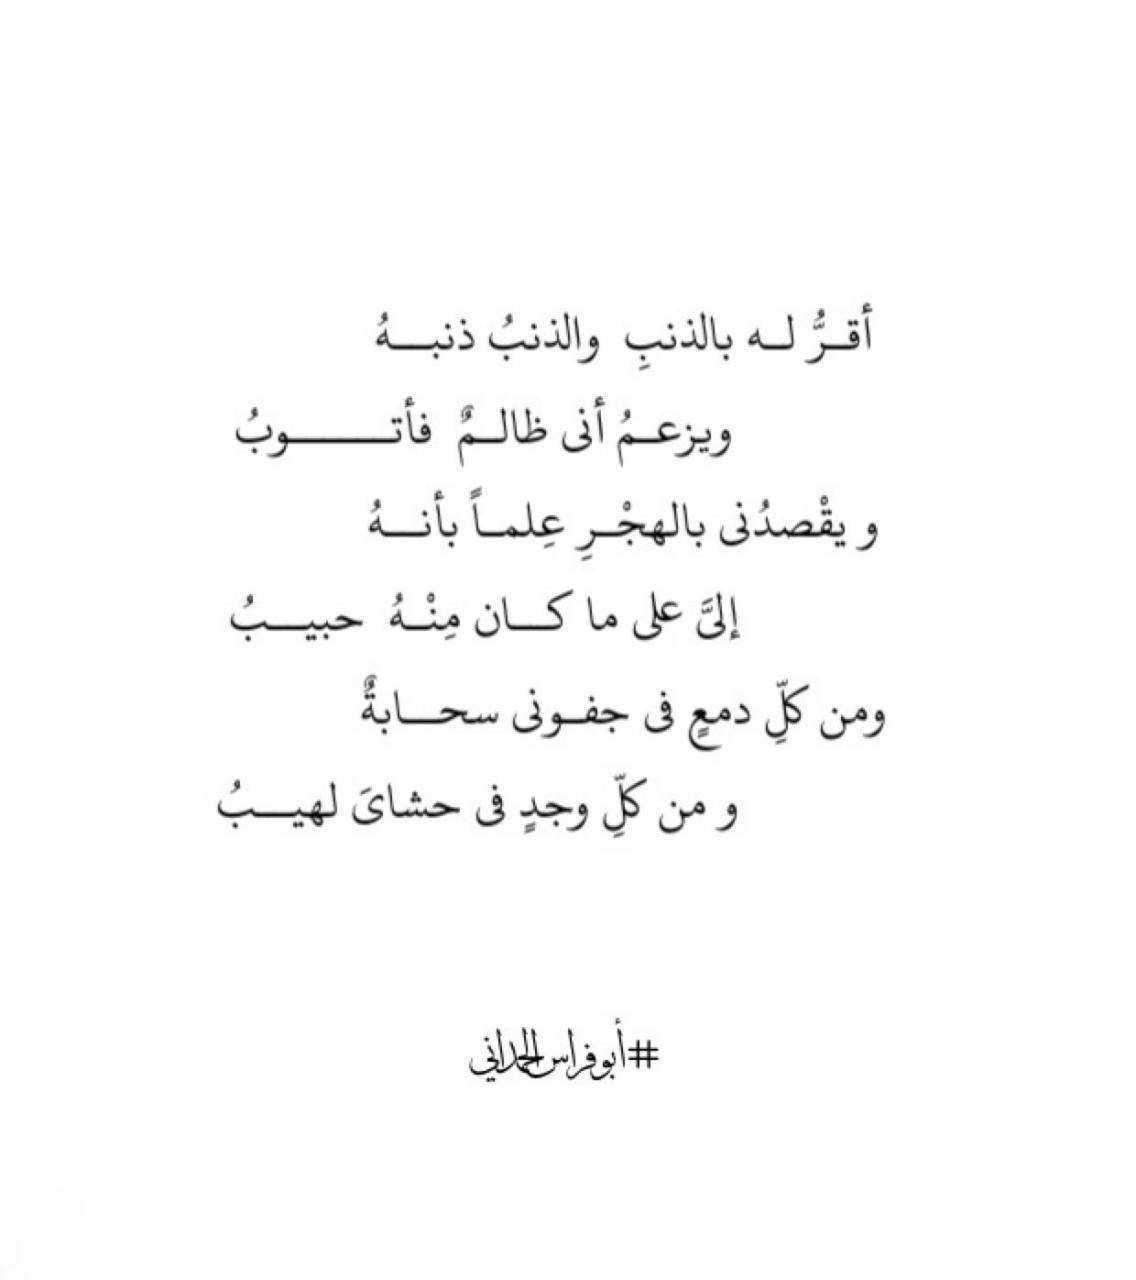 اجمل القصائد عن الاب قصائد روعه للاب اثارة مثيرة